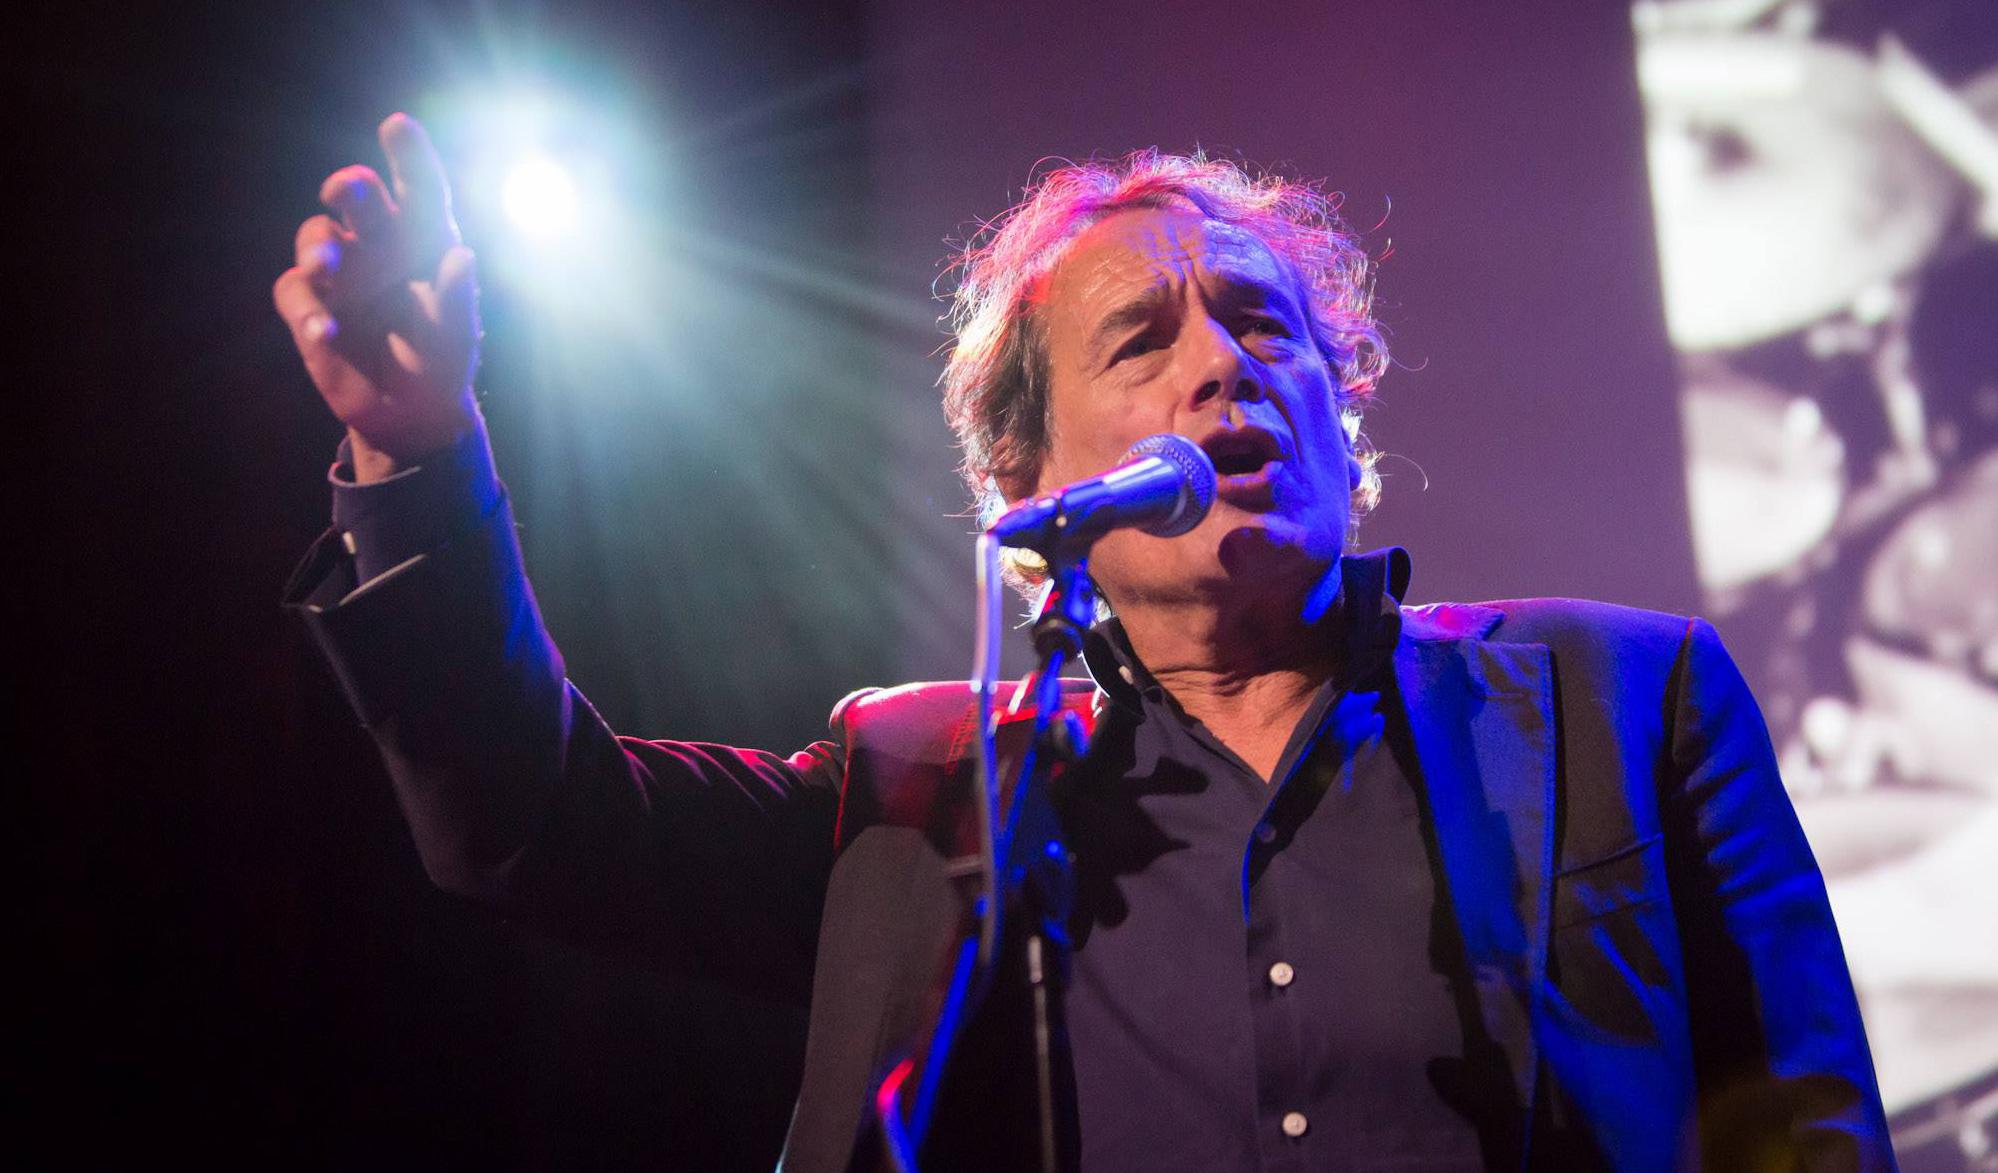 David Vos zingt in Club Dauphine